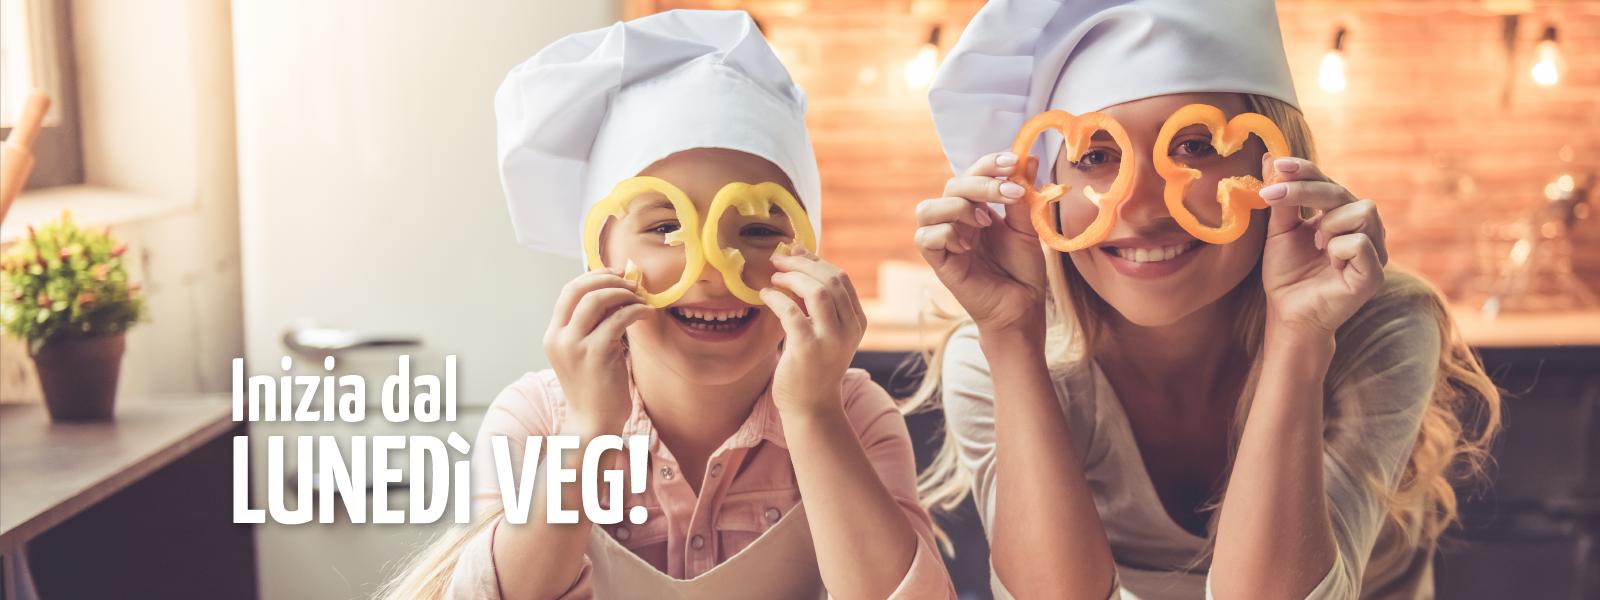 alimentazione vegan inizia con il lunedì veg